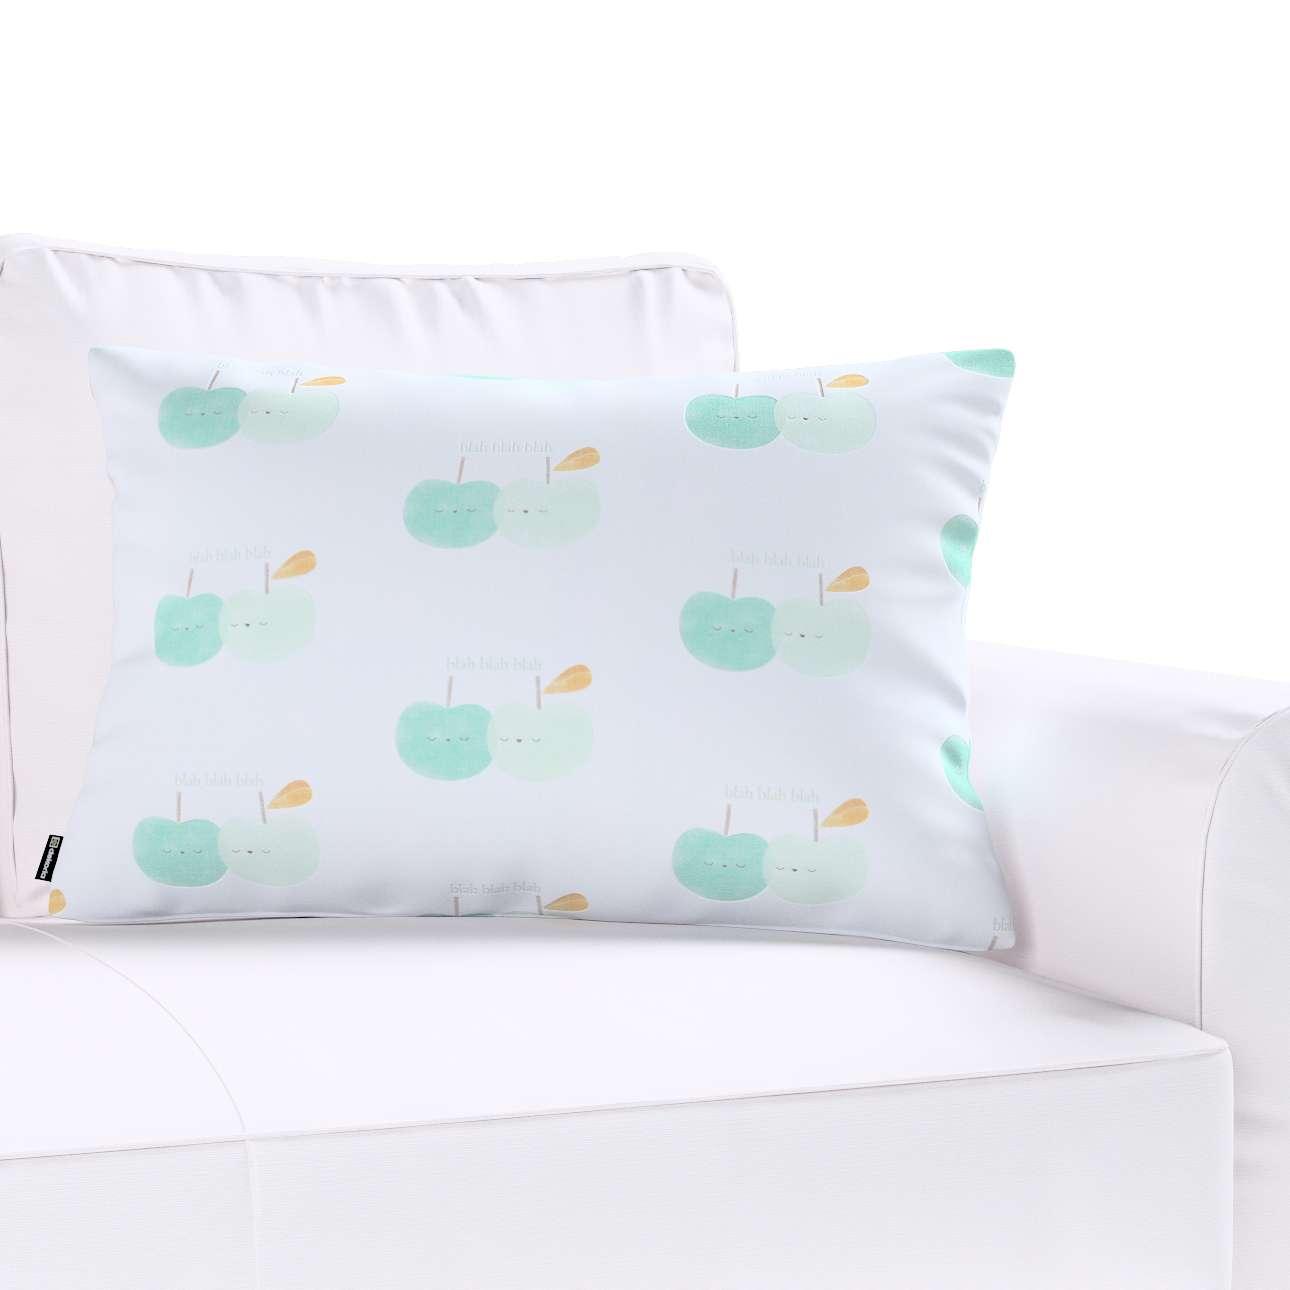 Poszewka Kinga na poduszkę prostokątną w kolekcji Apanona do -30%, tkanina: 151-02